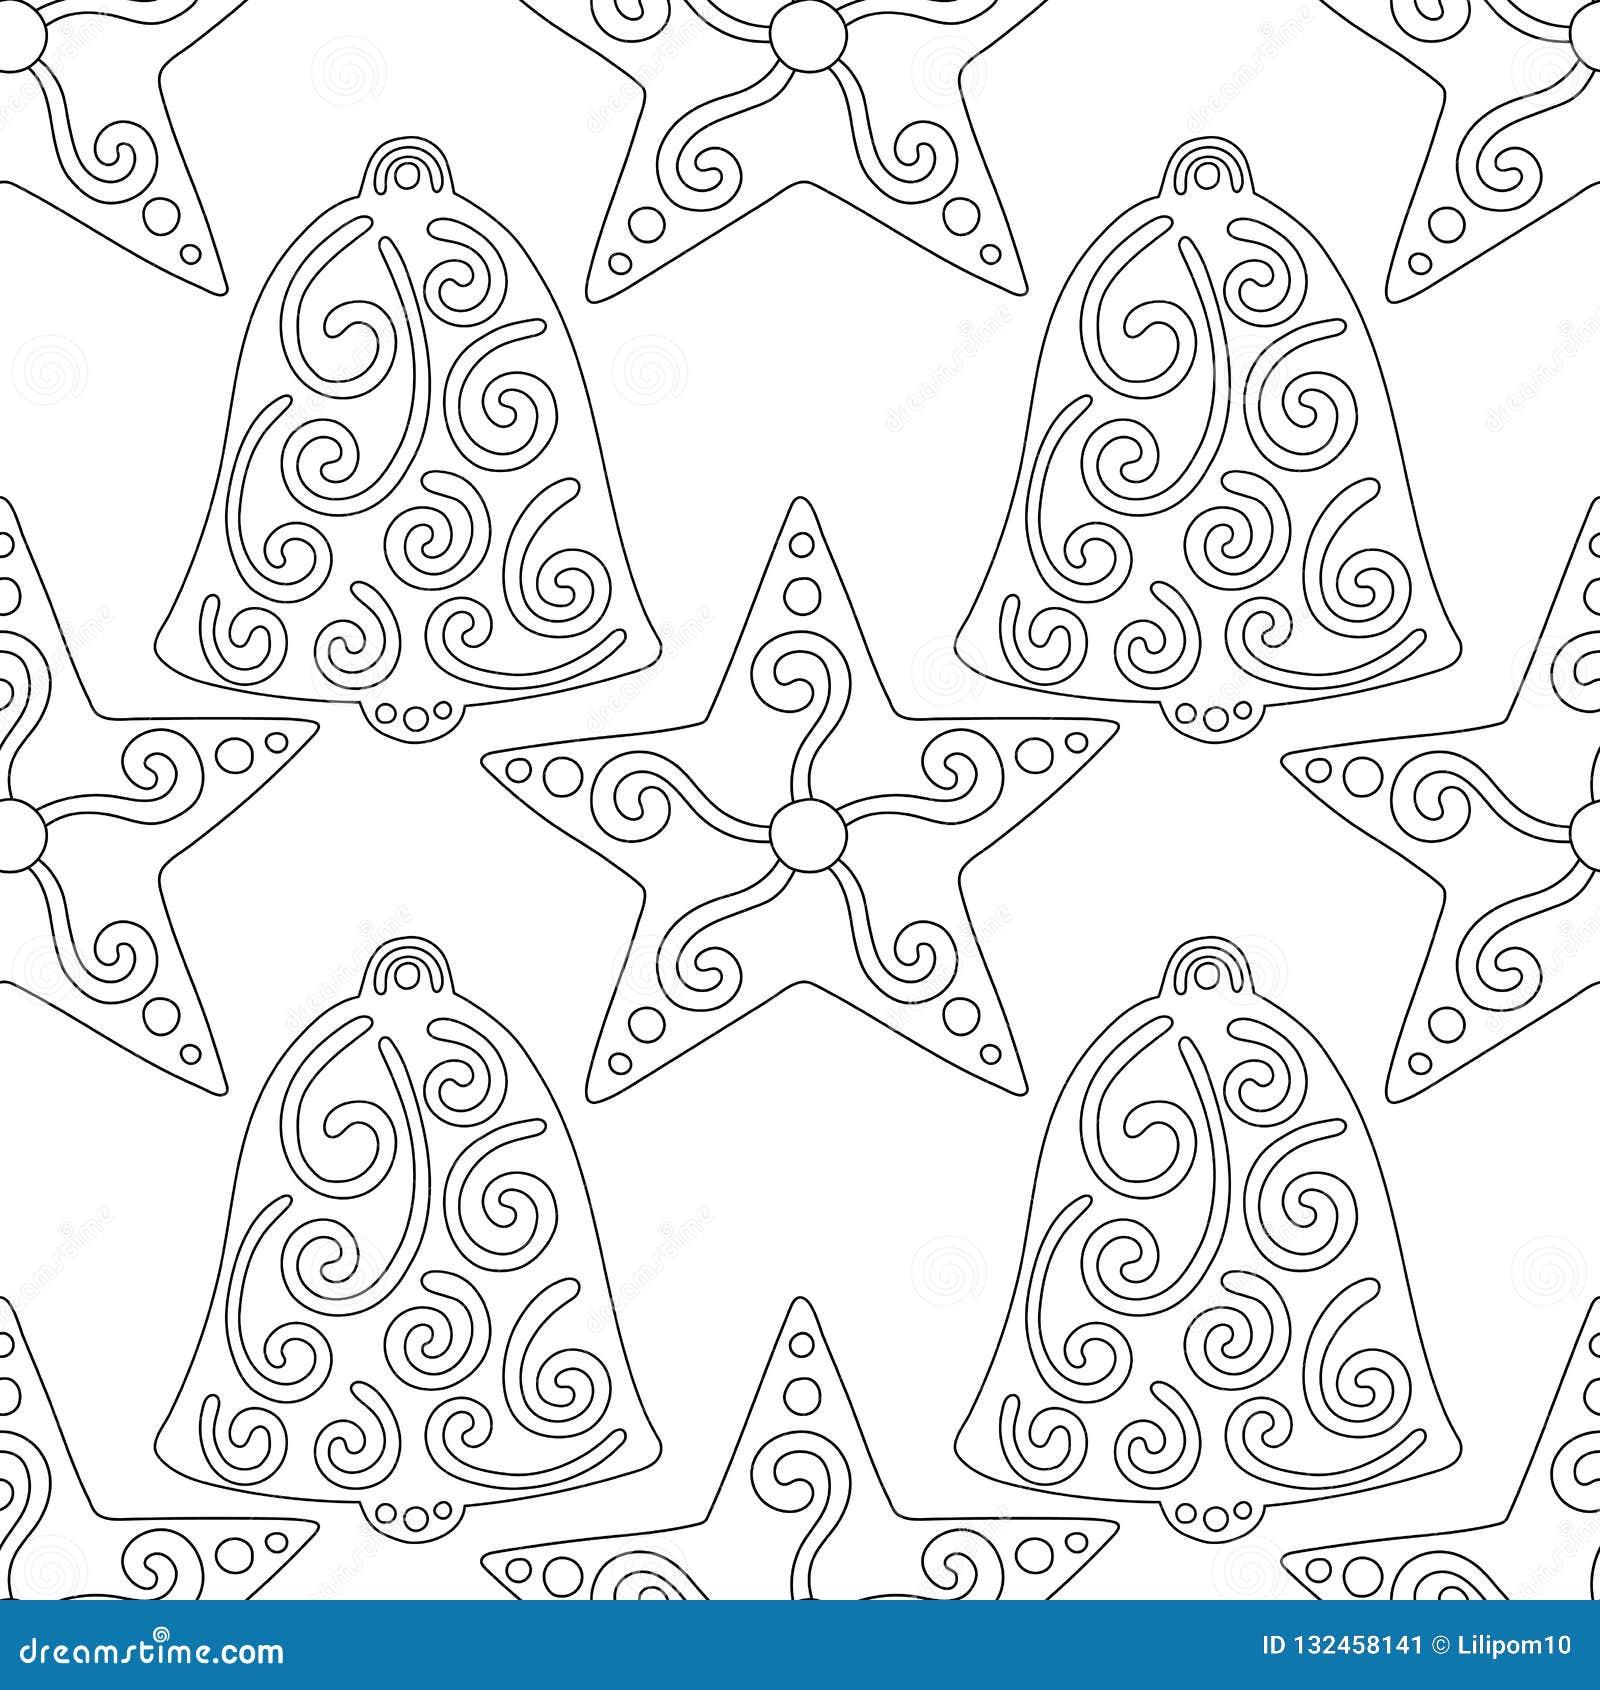 Dolci Di Natale Da Colorare.Pan Di Zenzero Campane Illustrazione In Bianco E Nero Per